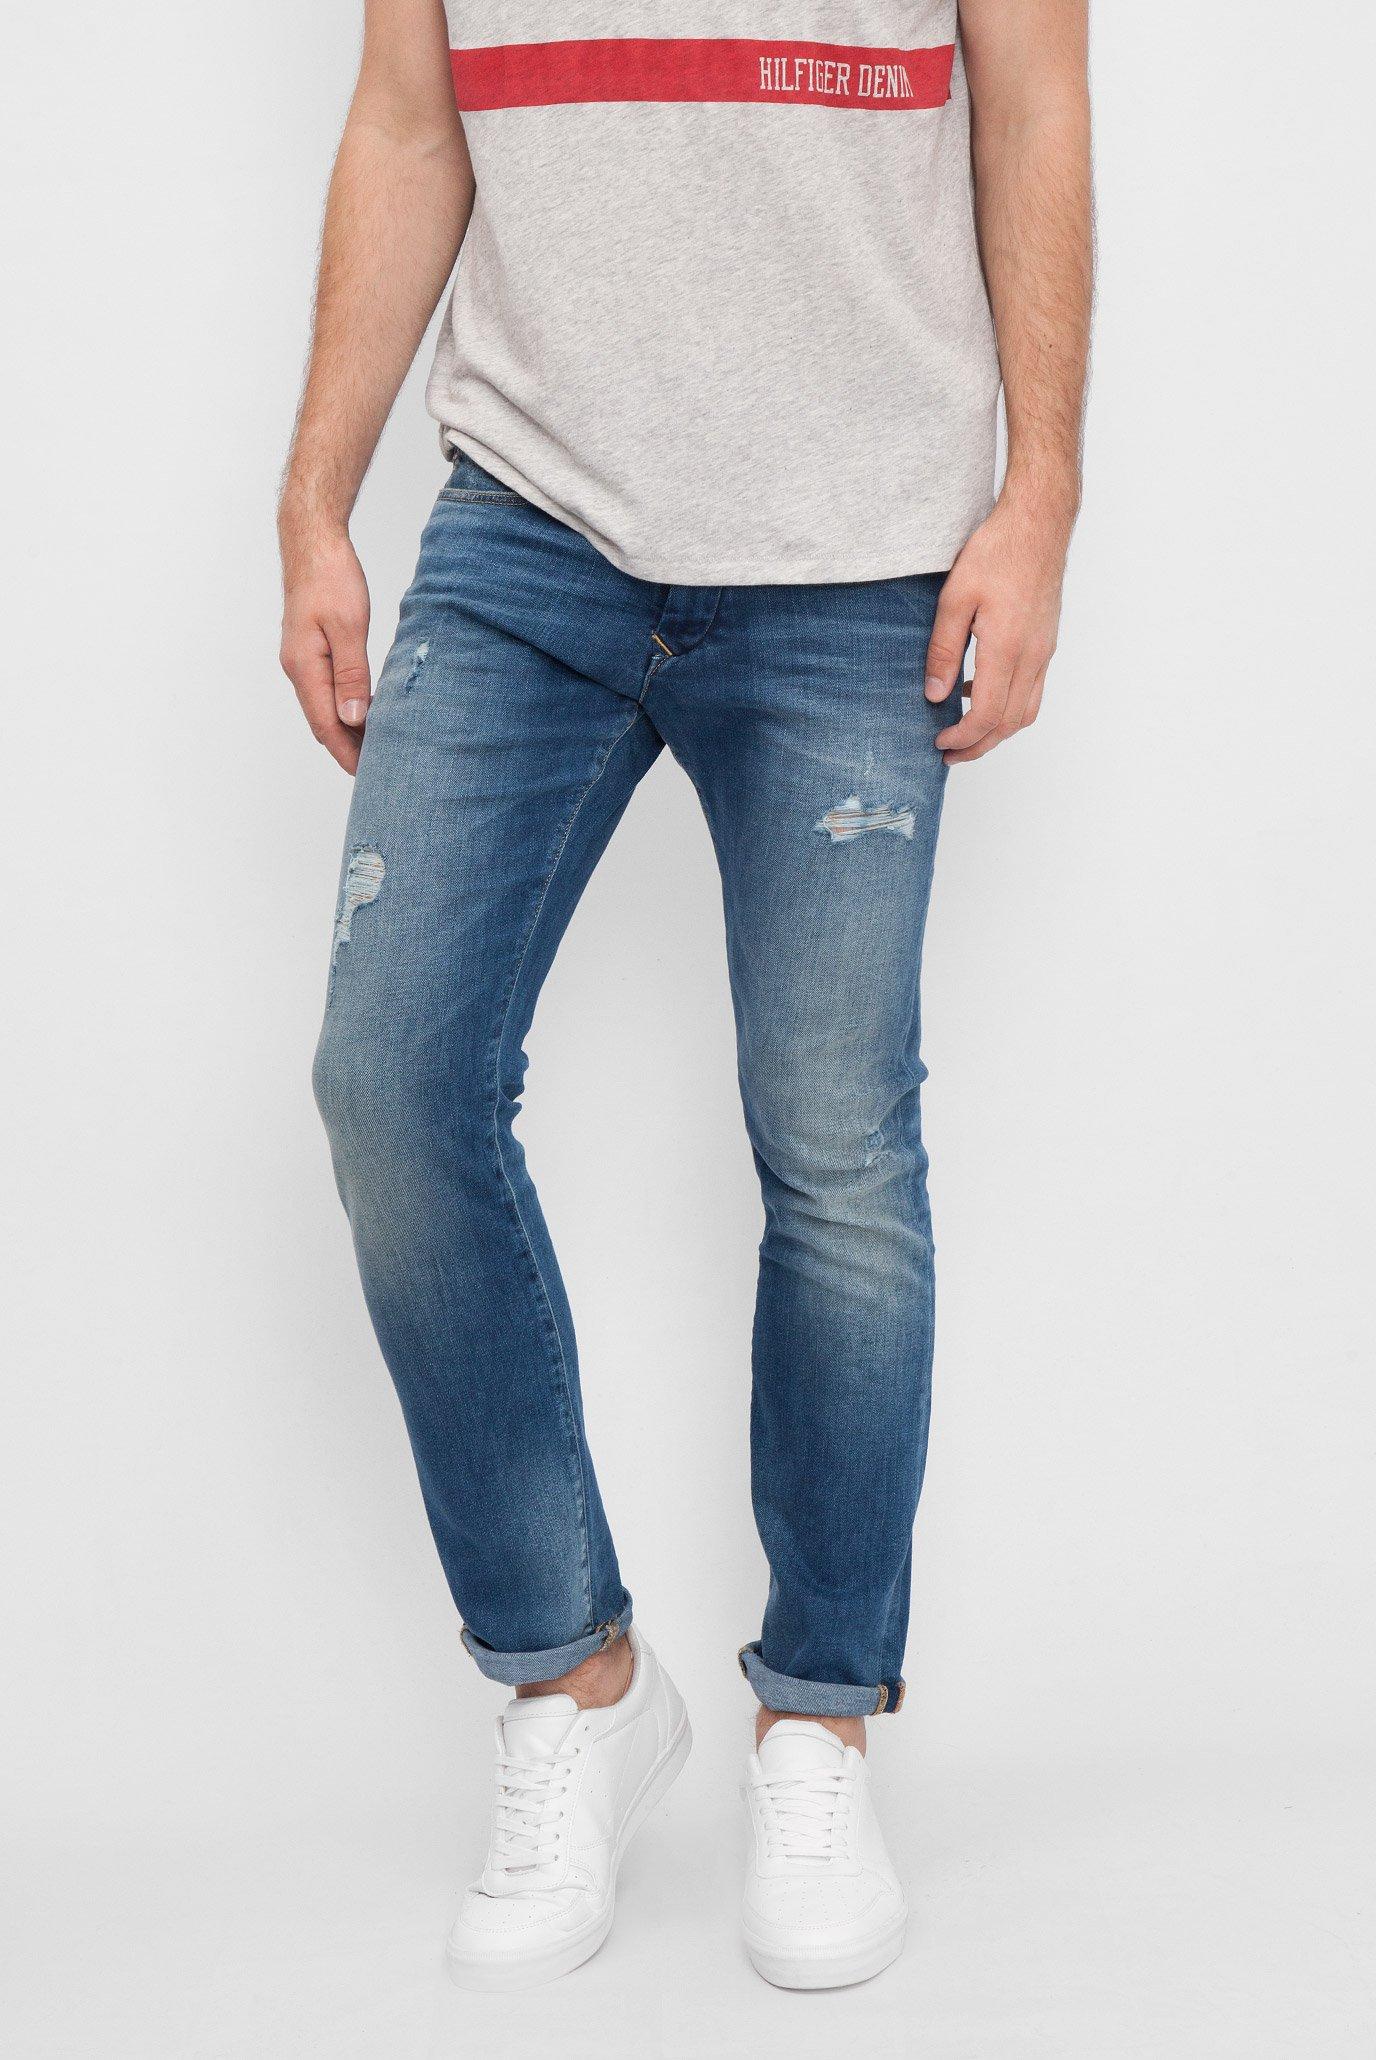 Купить Мужские синие джинсы  Tommy Hilfiger Tommy Hilfiger DM0DM01878 – Киев, Украина. Цены в интернет магазине MD Fashion